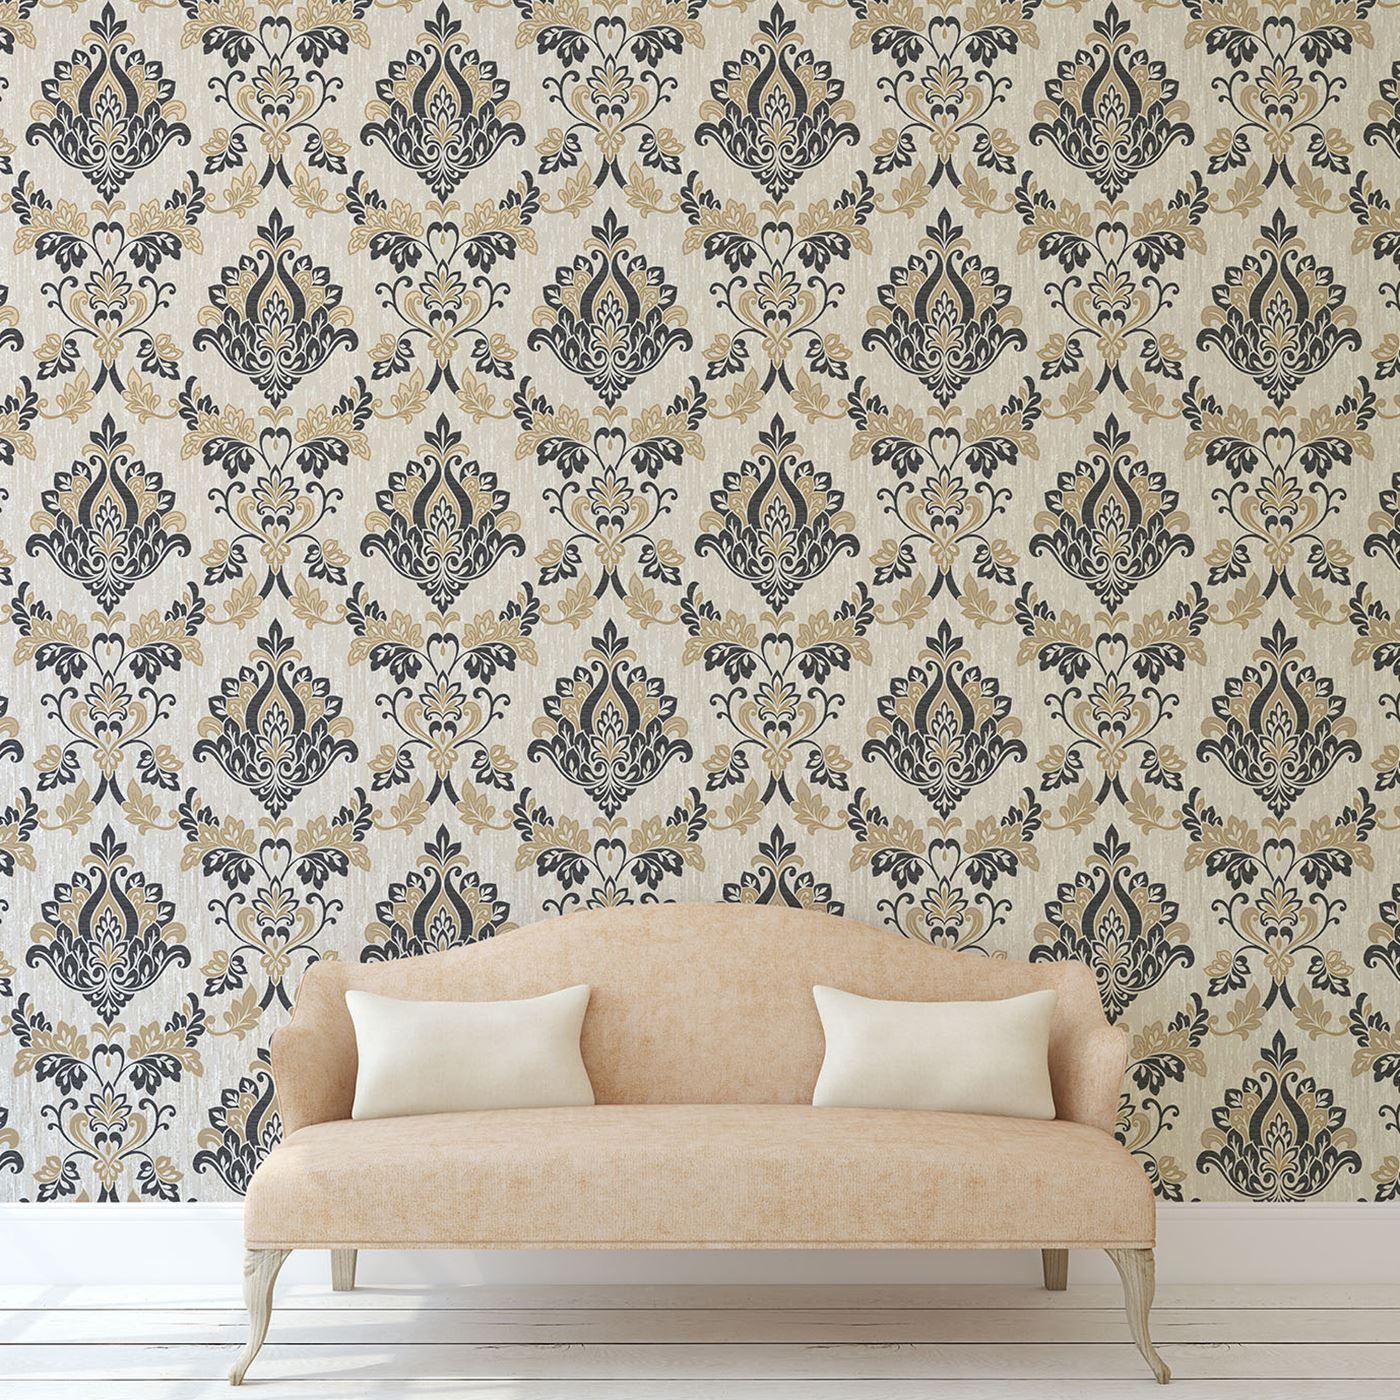 vymura synergie schwarz gold glitter tapete streifen blumenmuster damast uni ebay. Black Bedroom Furniture Sets. Home Design Ideas